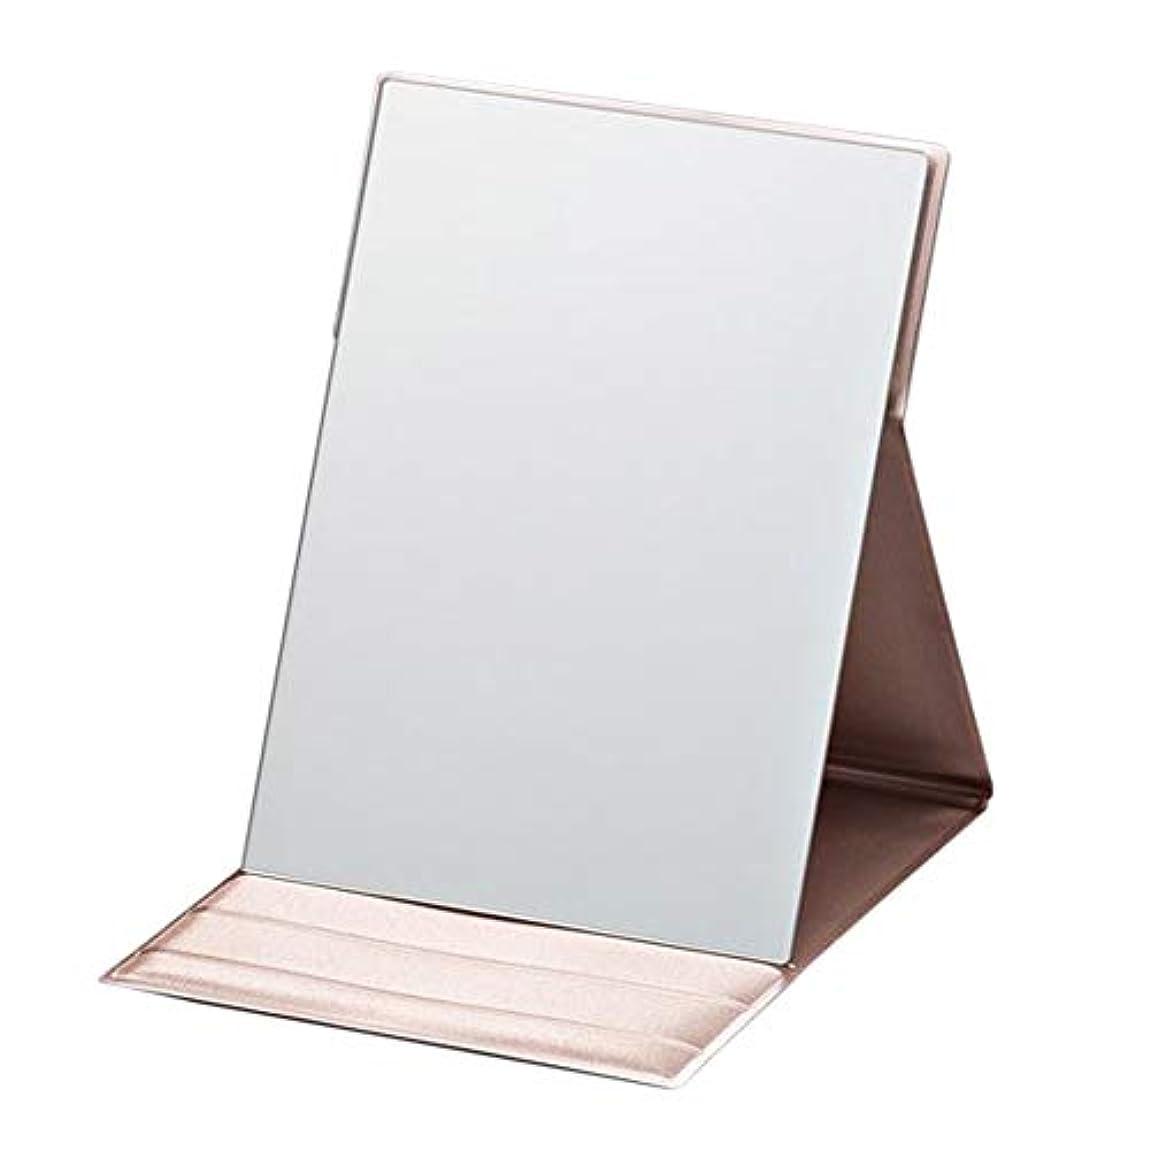 を通してトラブル生き物プロモデル折立 M ピンクゴールド 折り畳み式化粧鏡